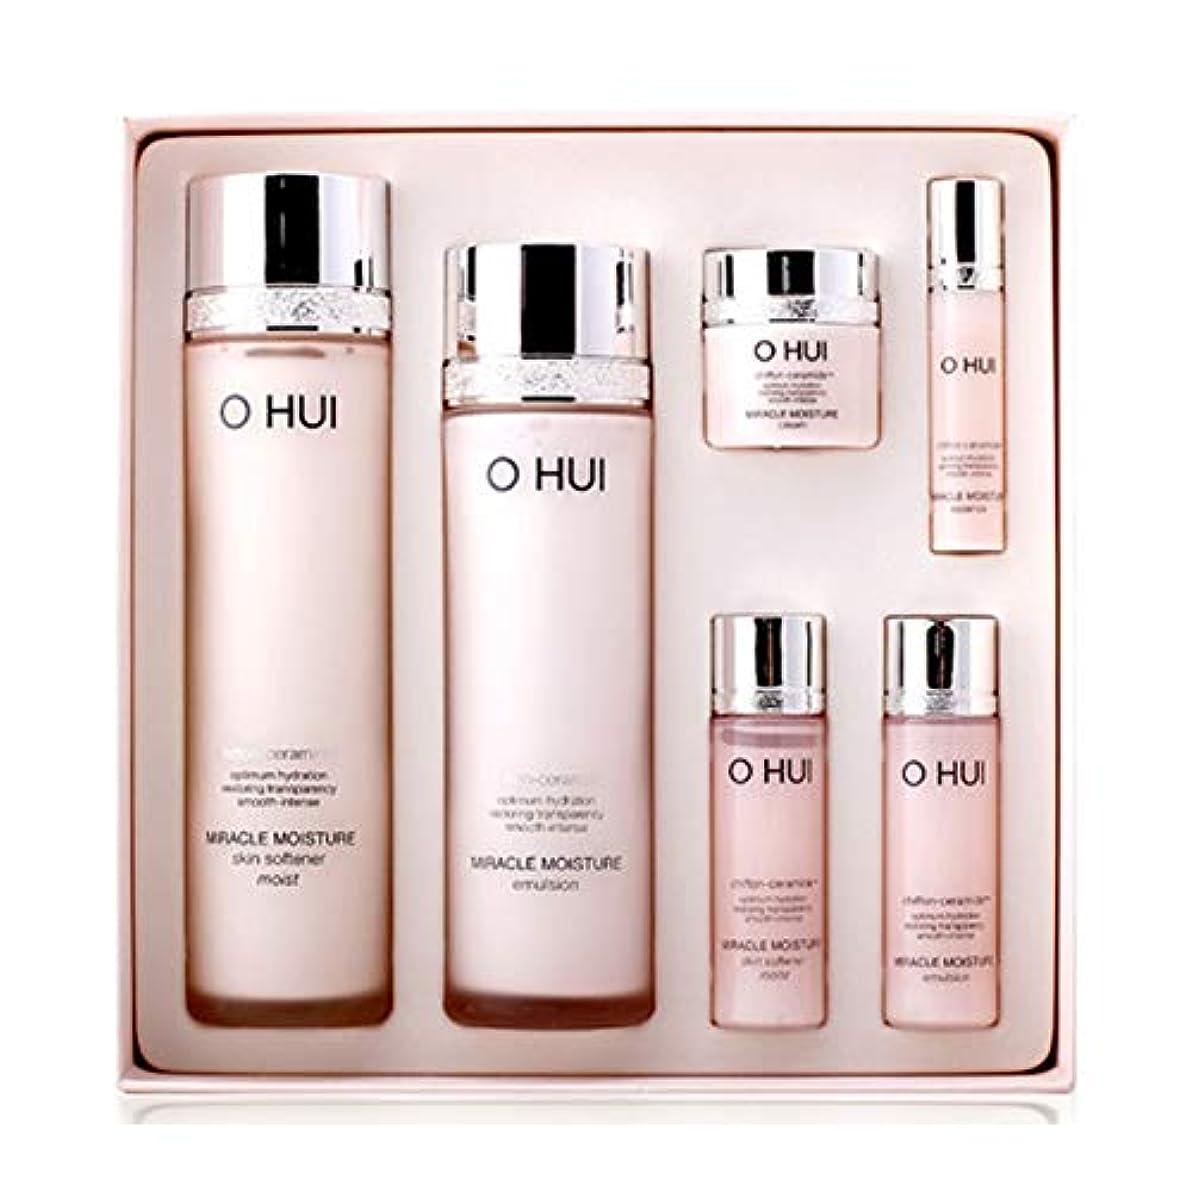 現実的テメリティ名誉オフィミラクルモイスチャースキンソフナーエマルジョンセット韓国コスメ、O Hui Miracle Moisture Skin Softener Emulsion Set Korean Cosmetics [並行輸入品]